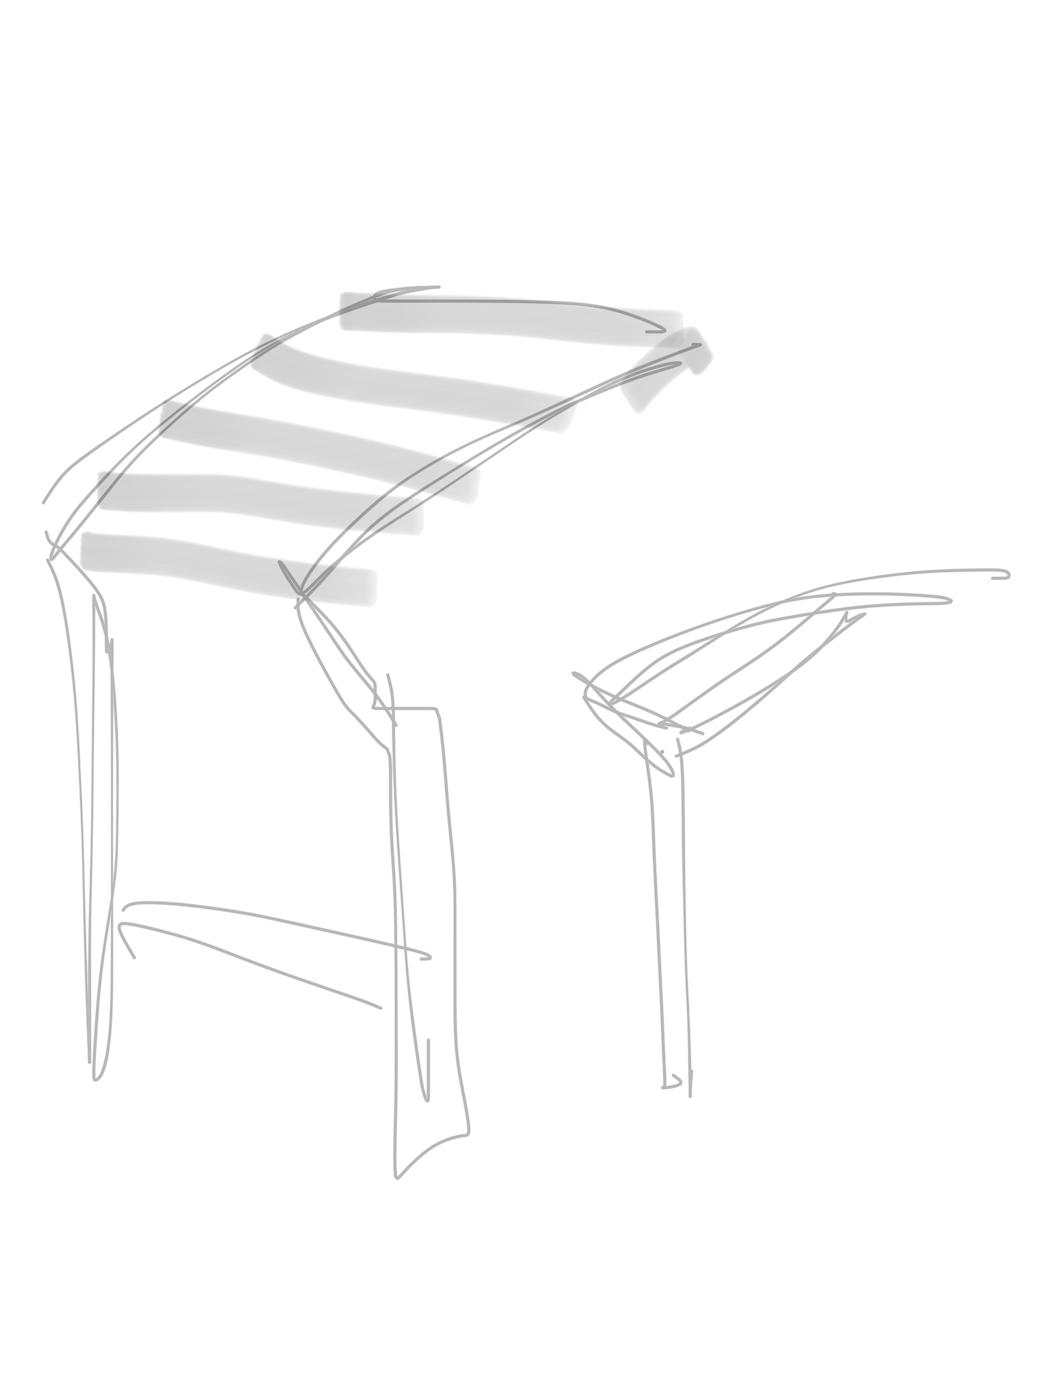 Sketch-399.jpg